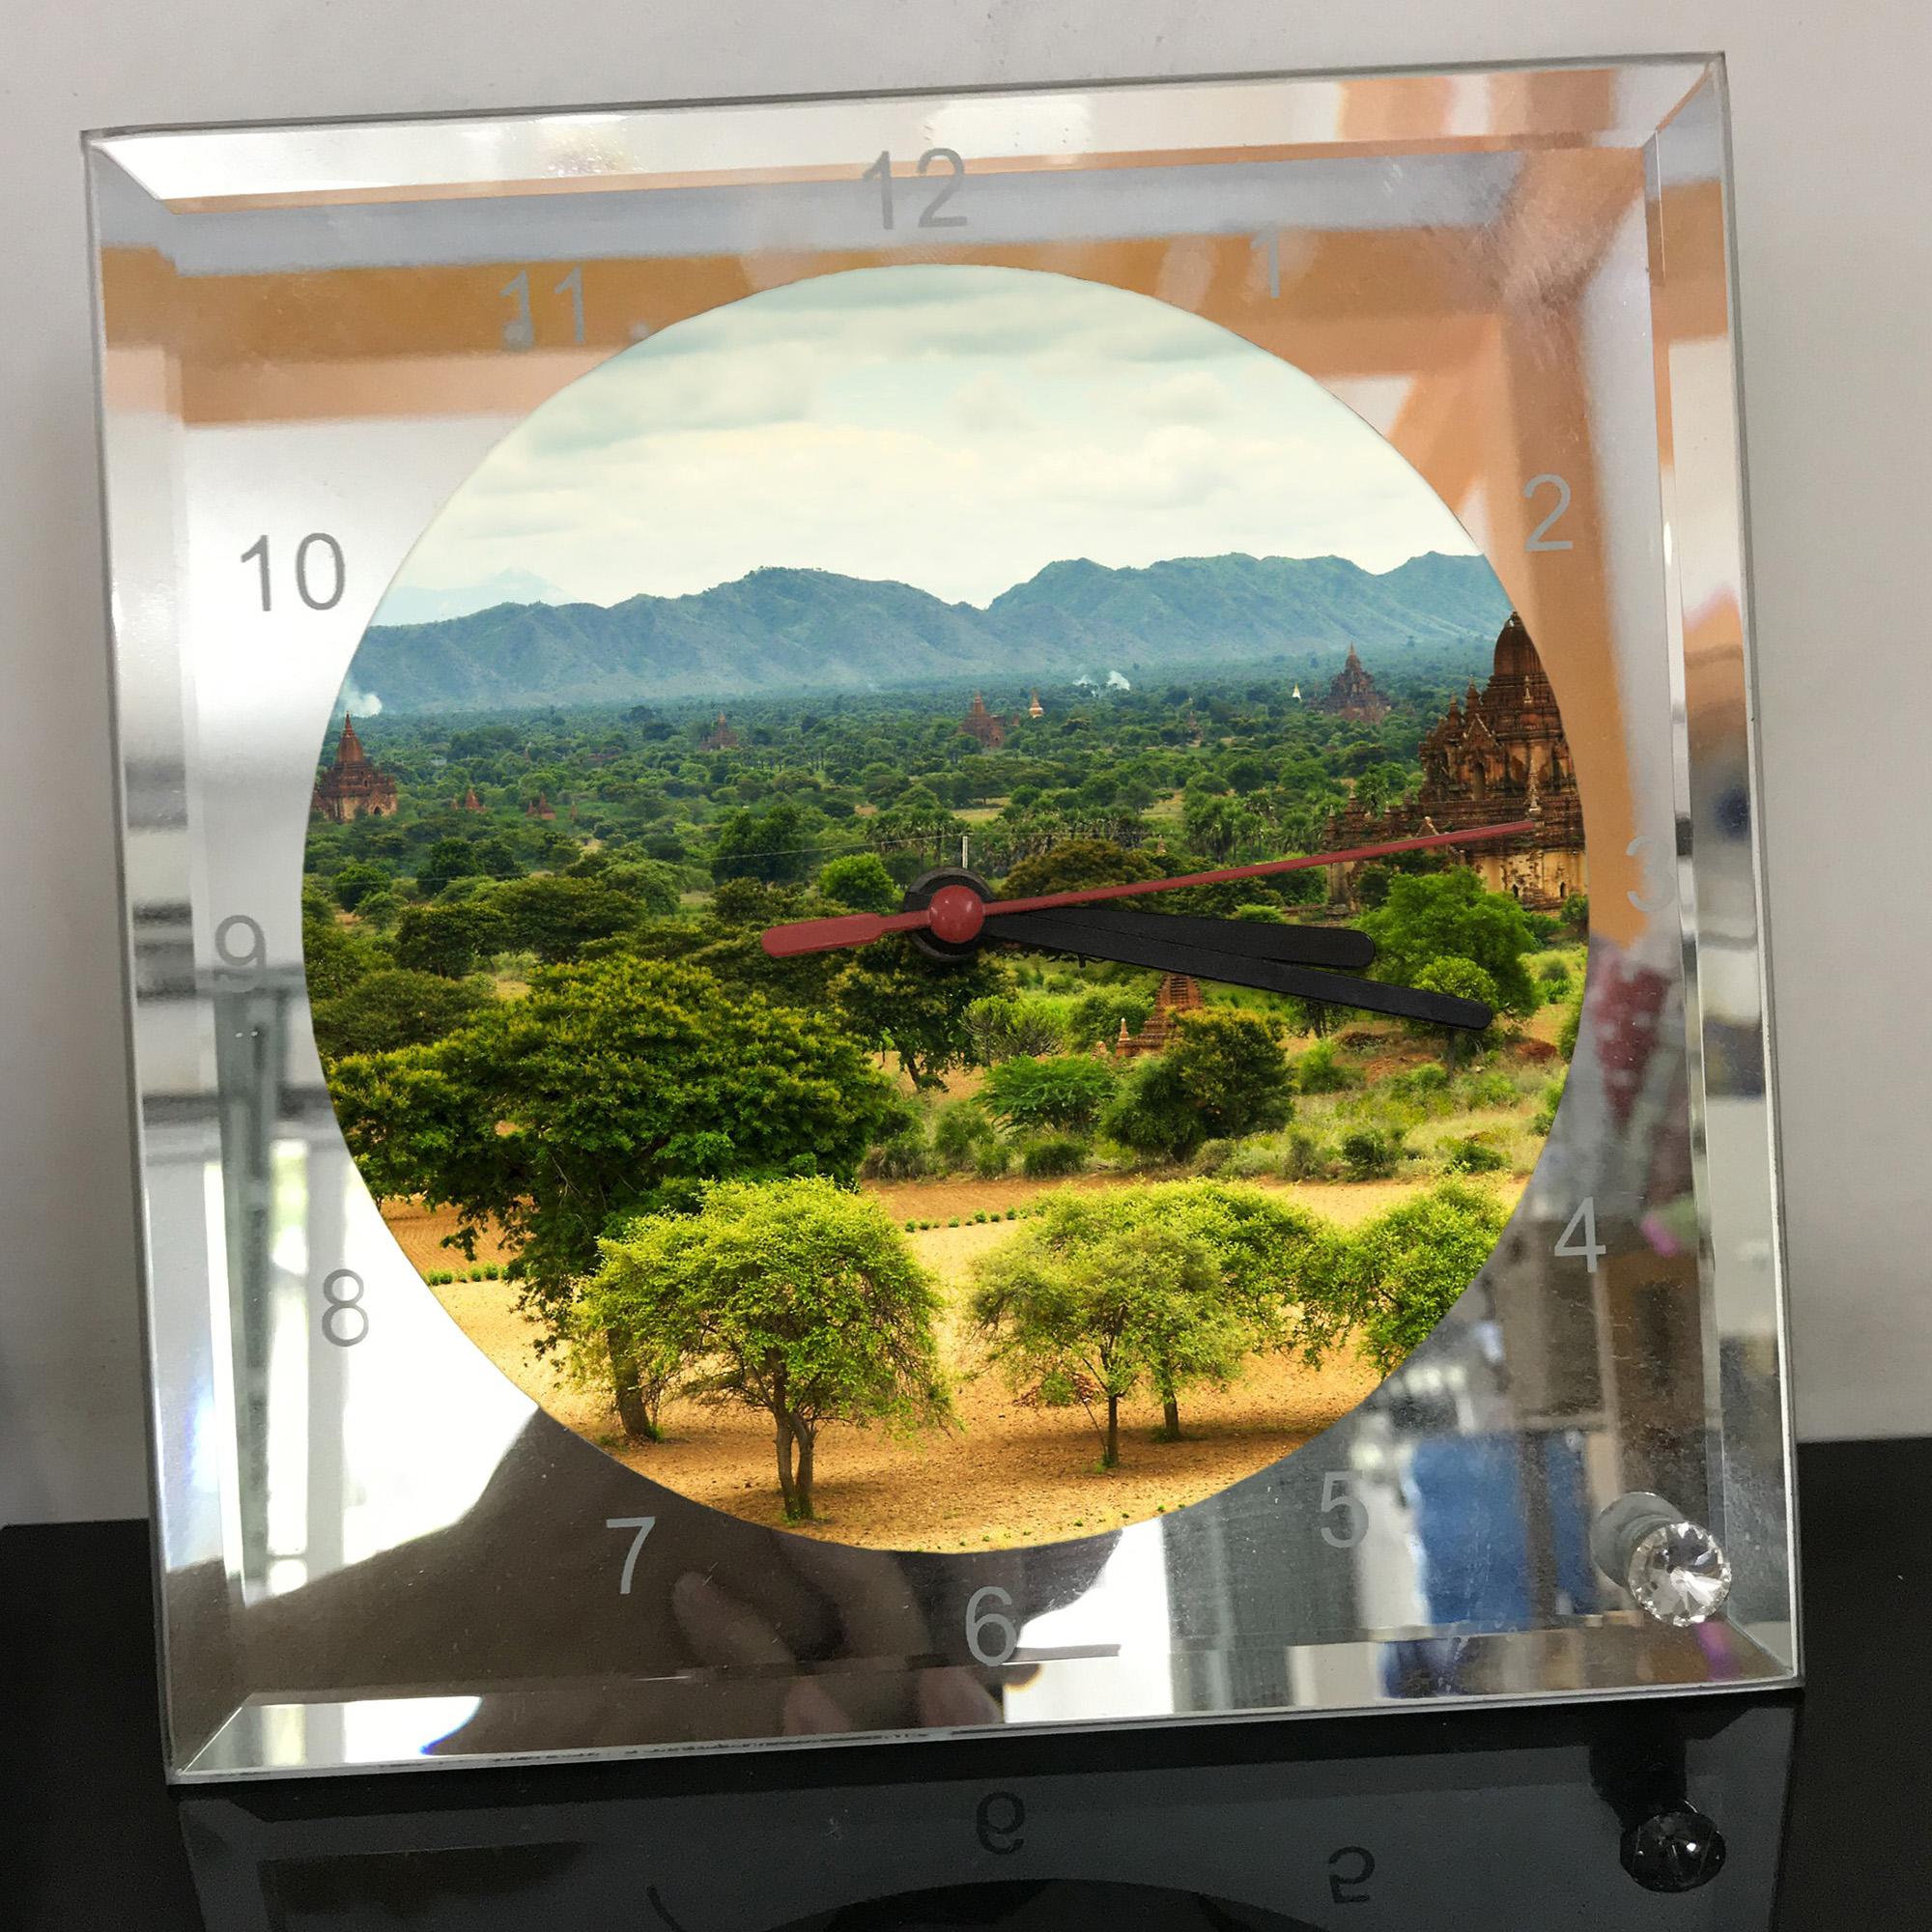 Đồng hồ thủy tinh vuông 20x20 in hình Temple - đền thờ (30) . Đồng hồ thủy tinh để bàn trang trí đẹp chủ đề tôn giáo